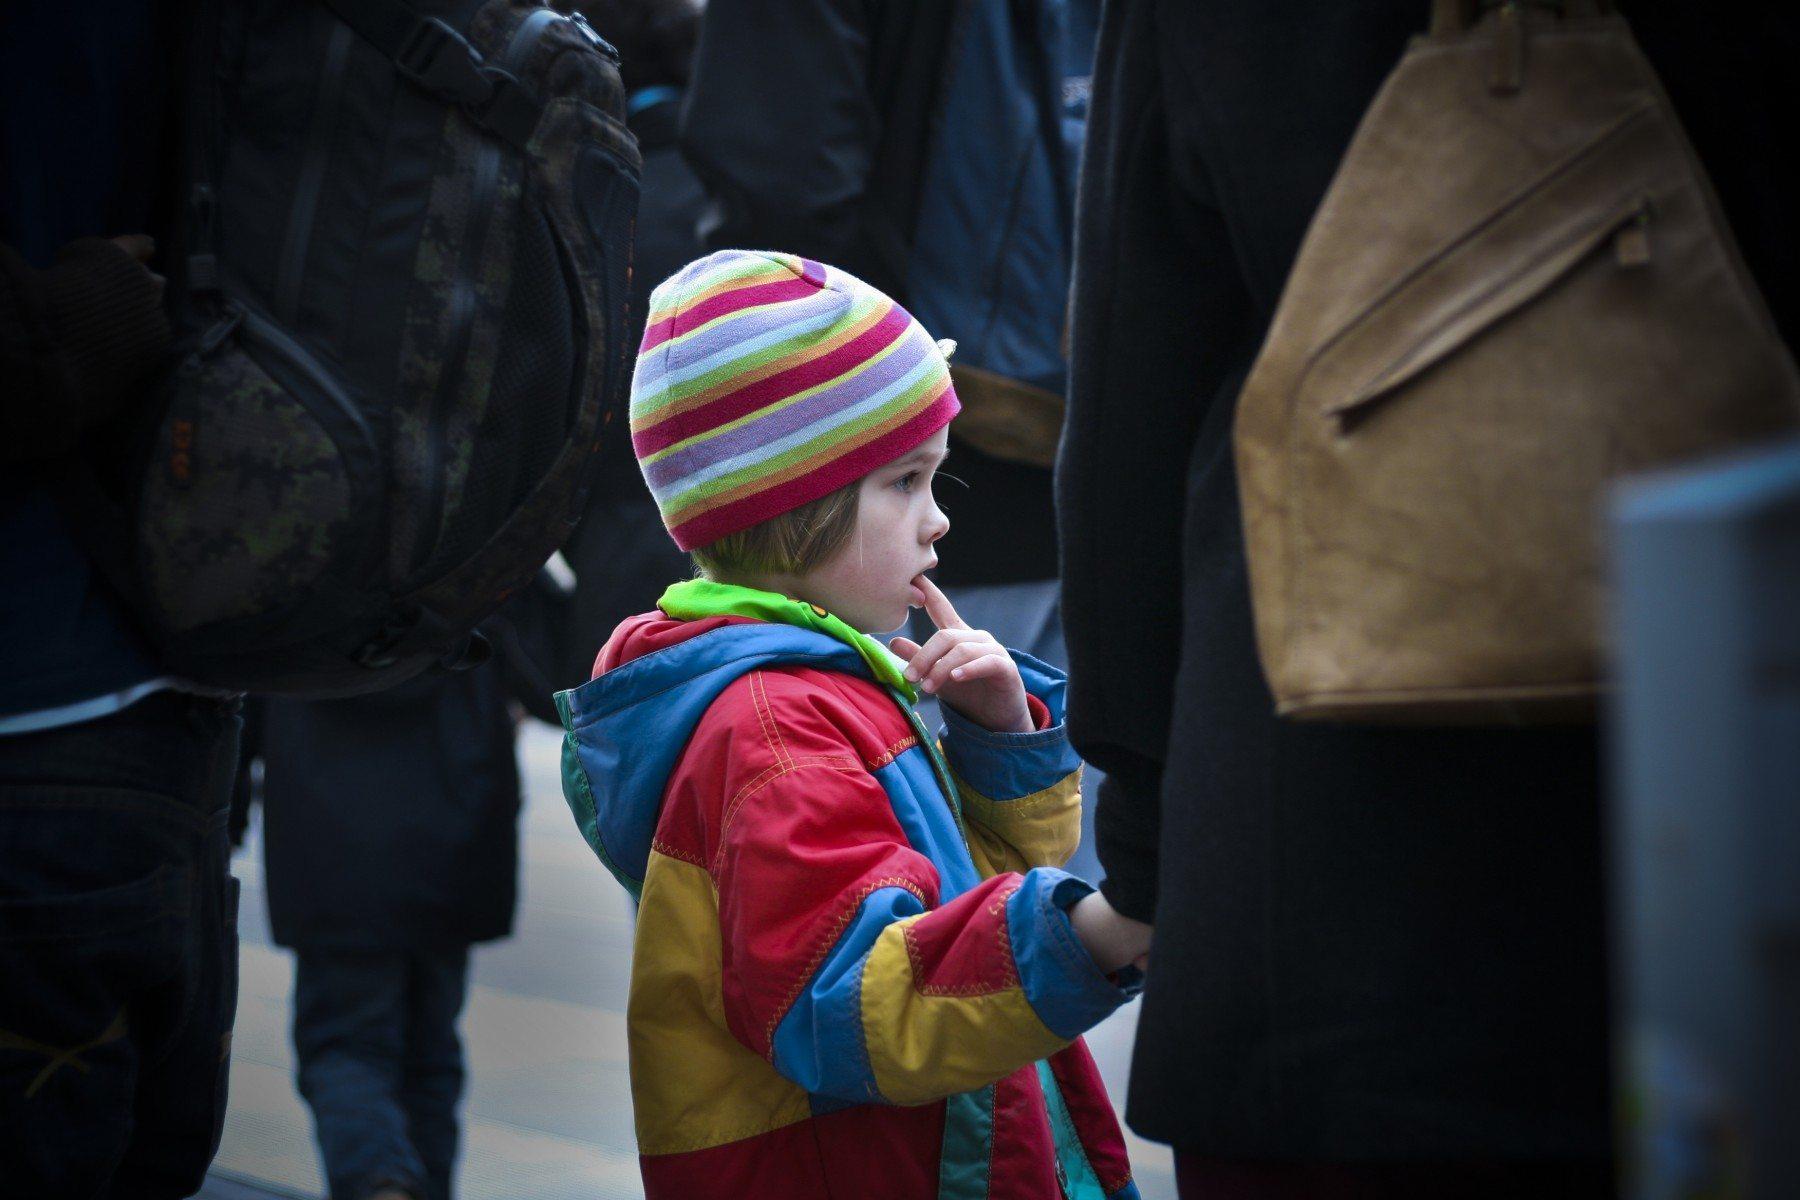 Child in bright coat